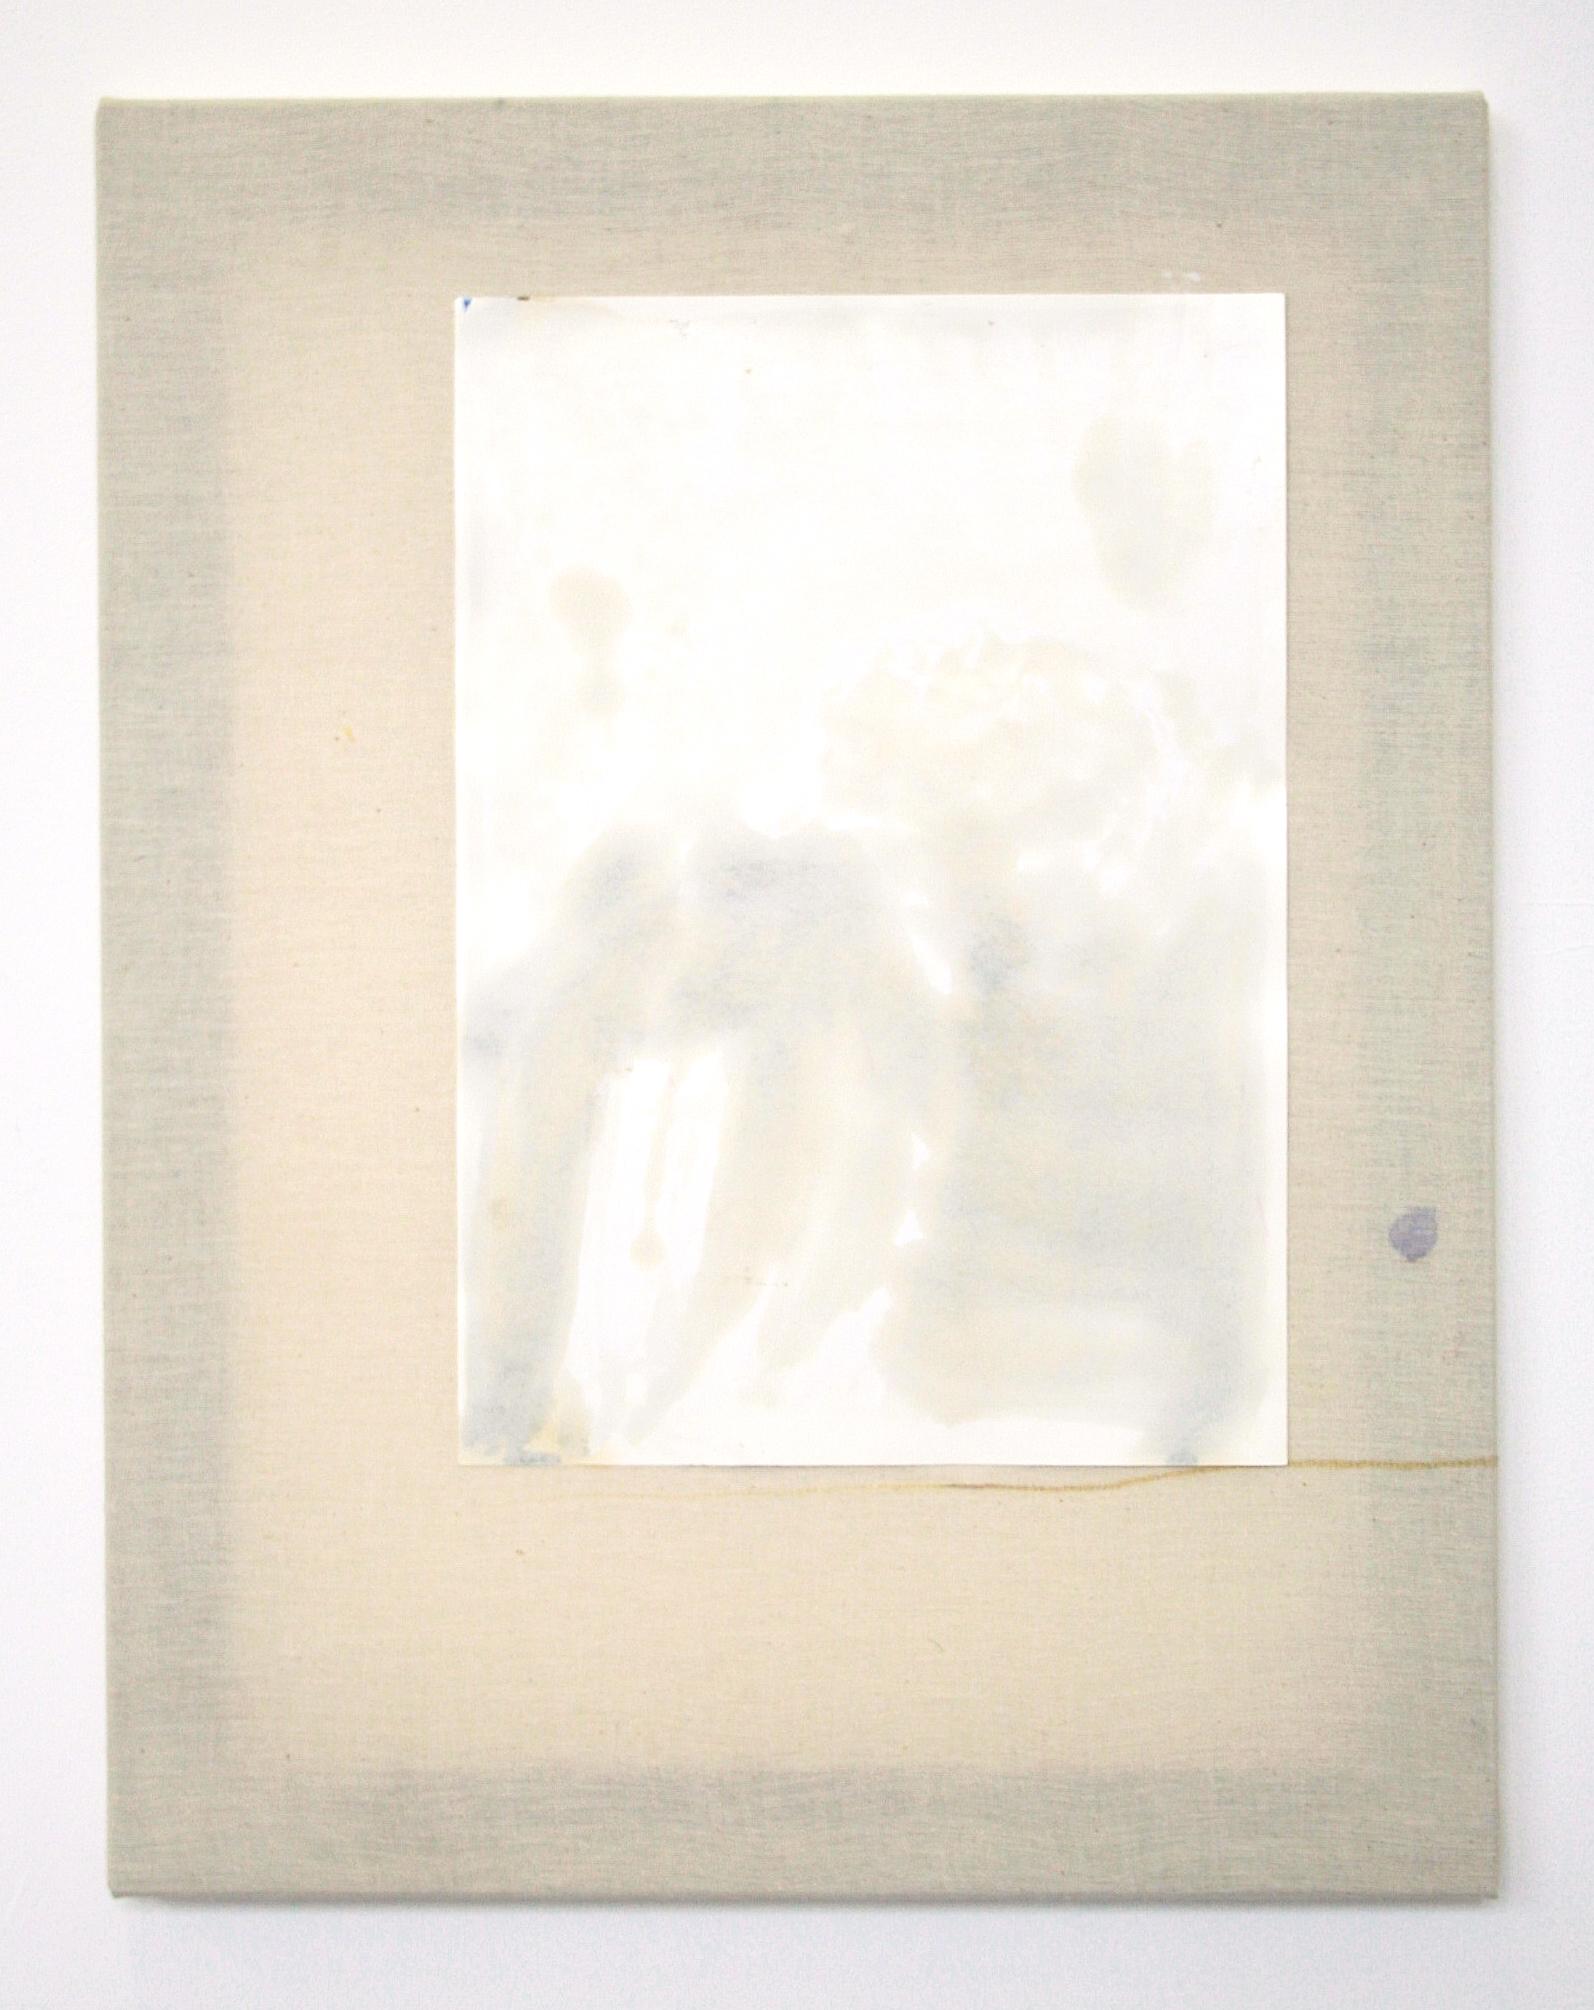 Aimée Parrott, 'Thank you, Meat' ,2015,Oil paint on paper, calico, fabric dye,46 x 36 cm